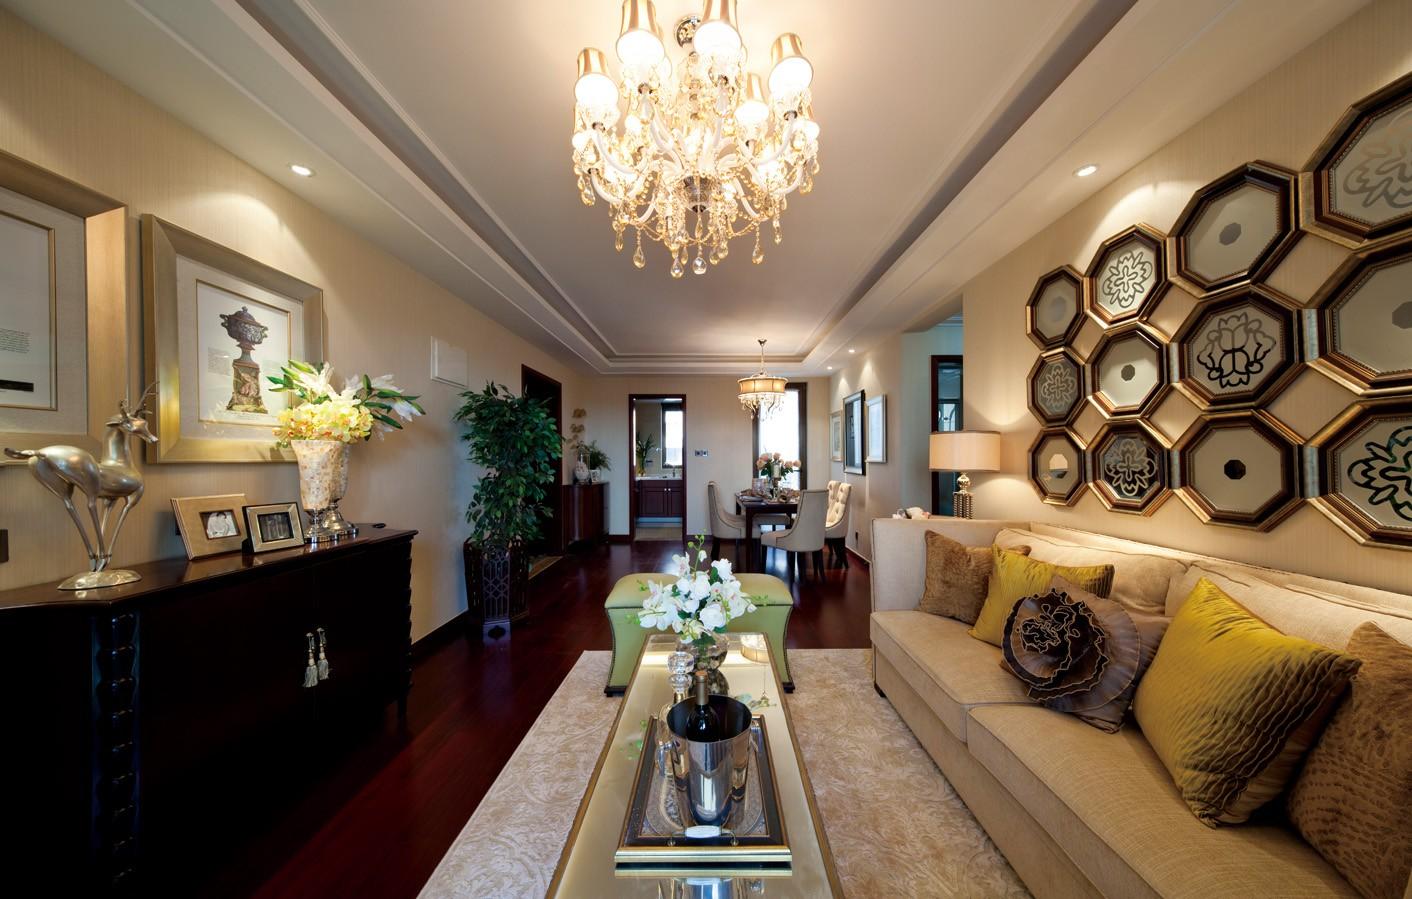 4室2卫2厅120平米简欧风格